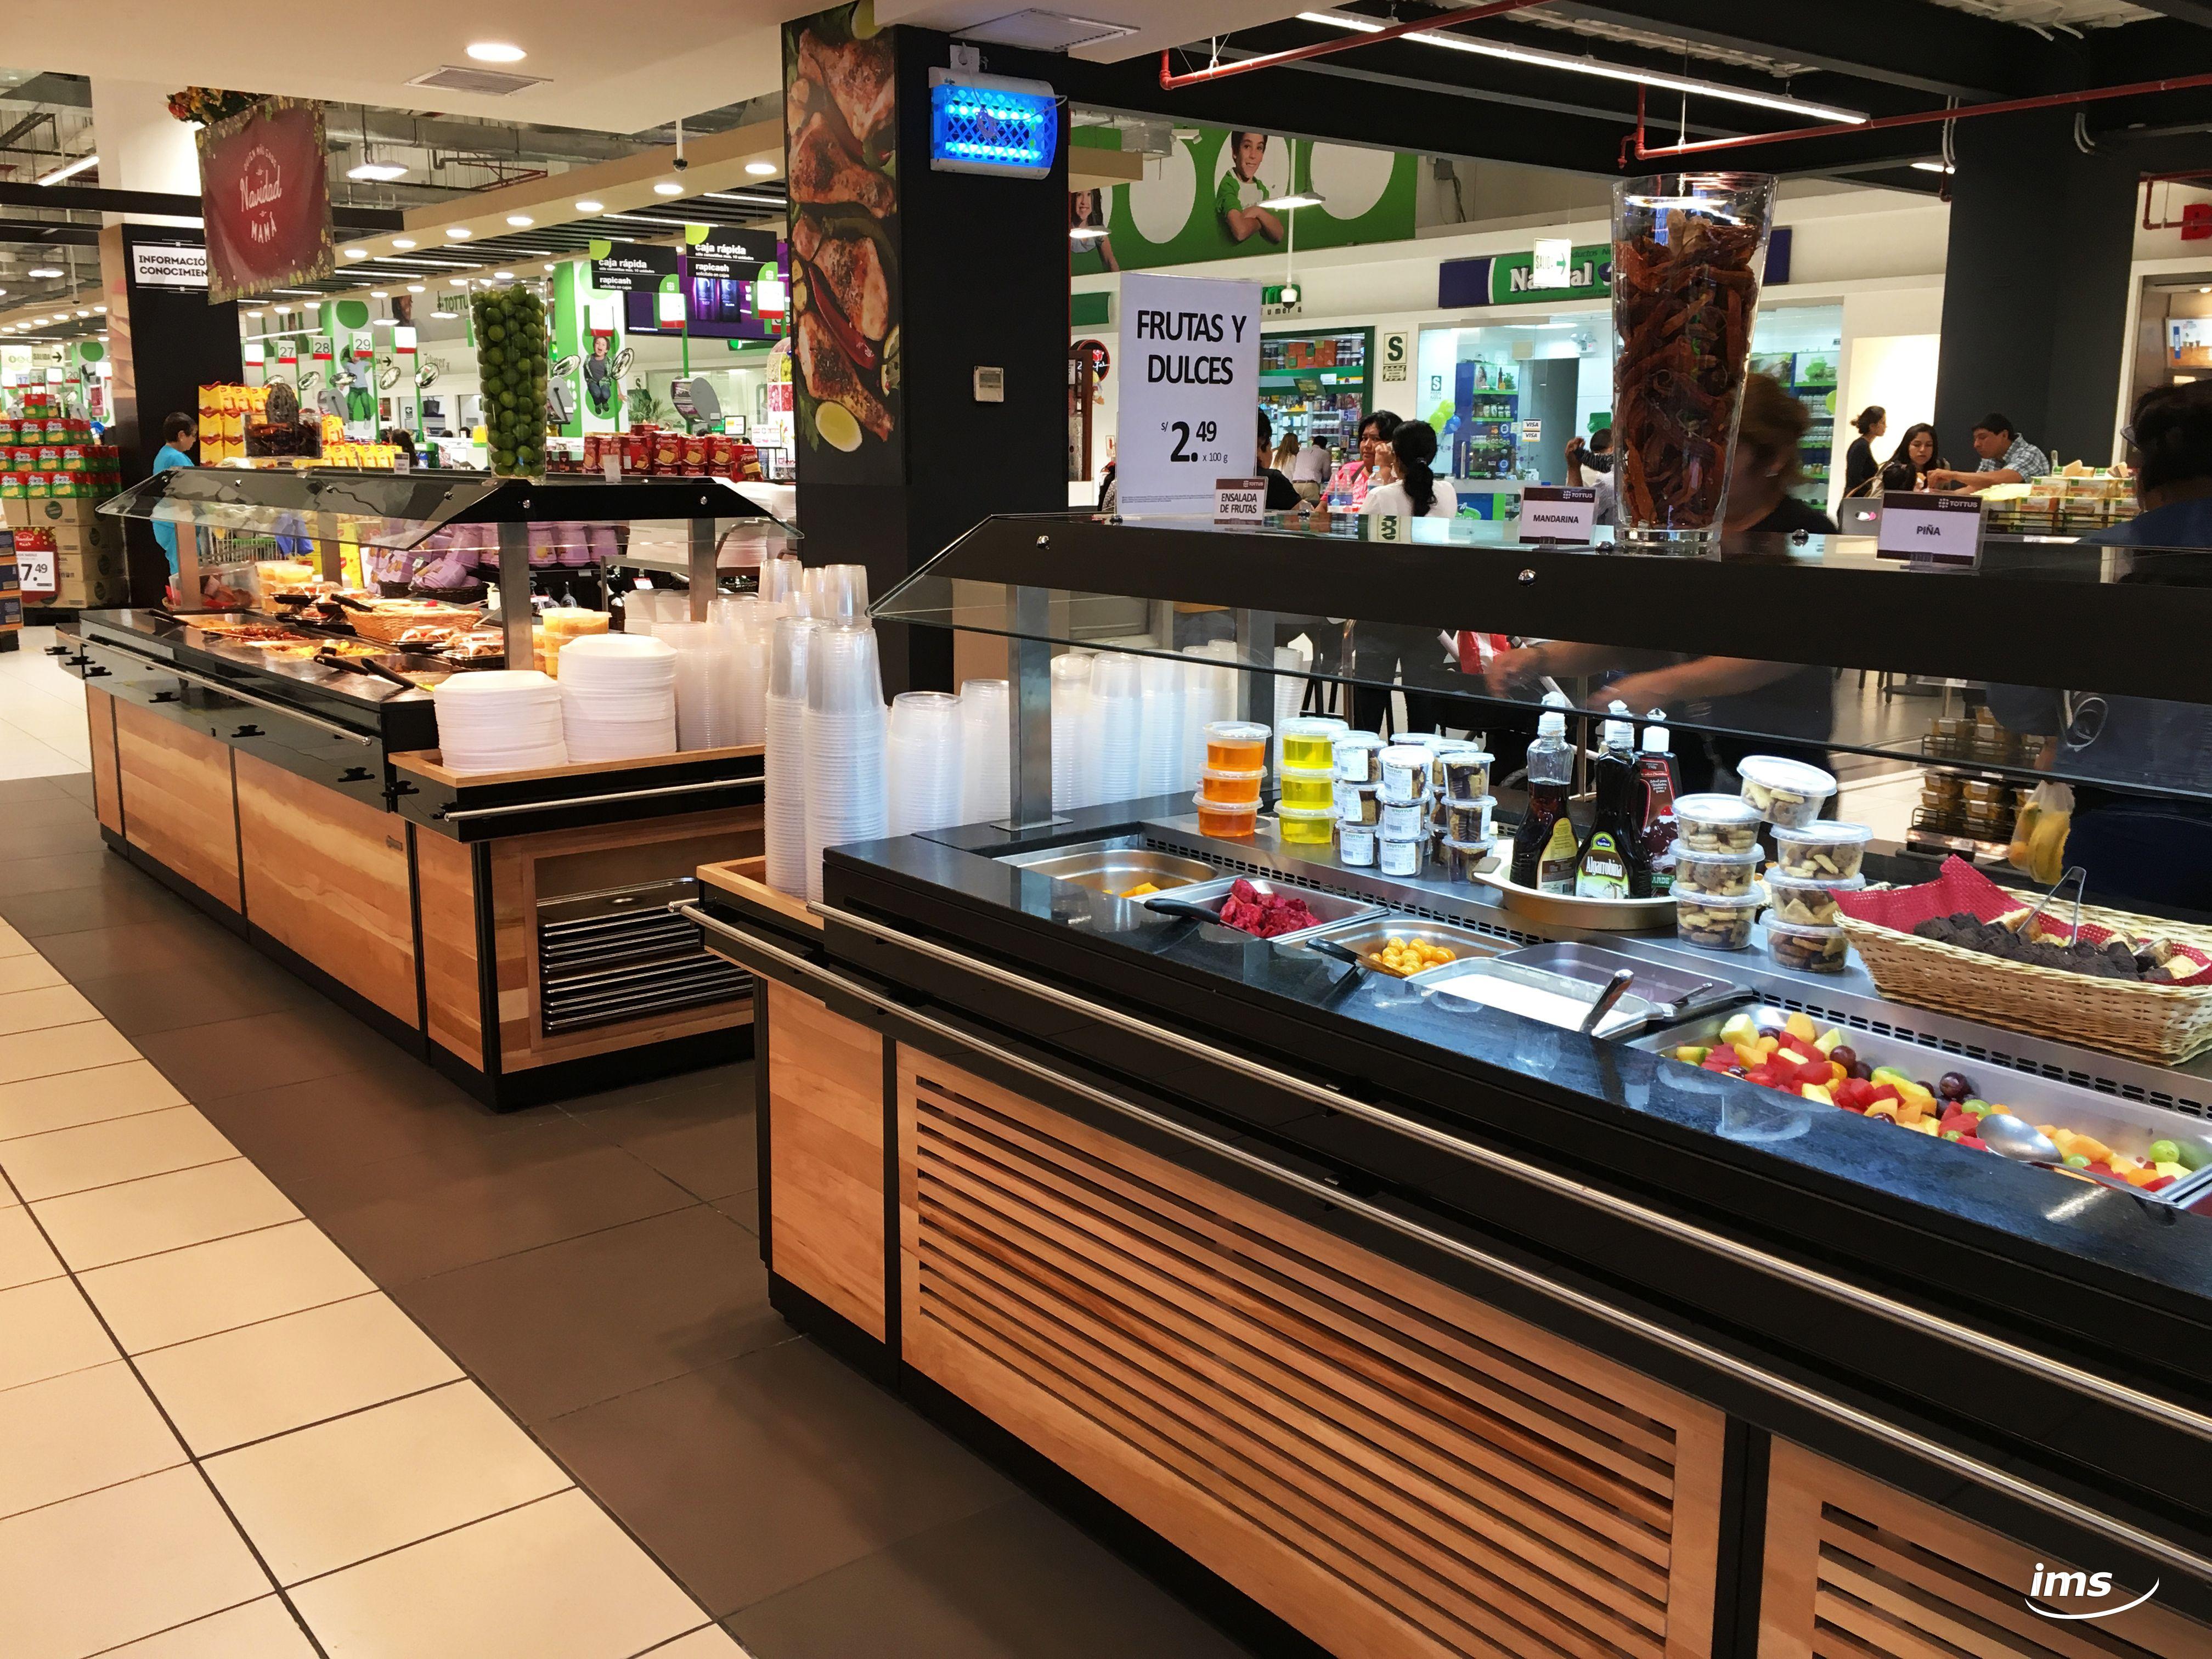 Linea Nitrox Islas De Autoservicio Salad Bar Refrigerado Y Buffet